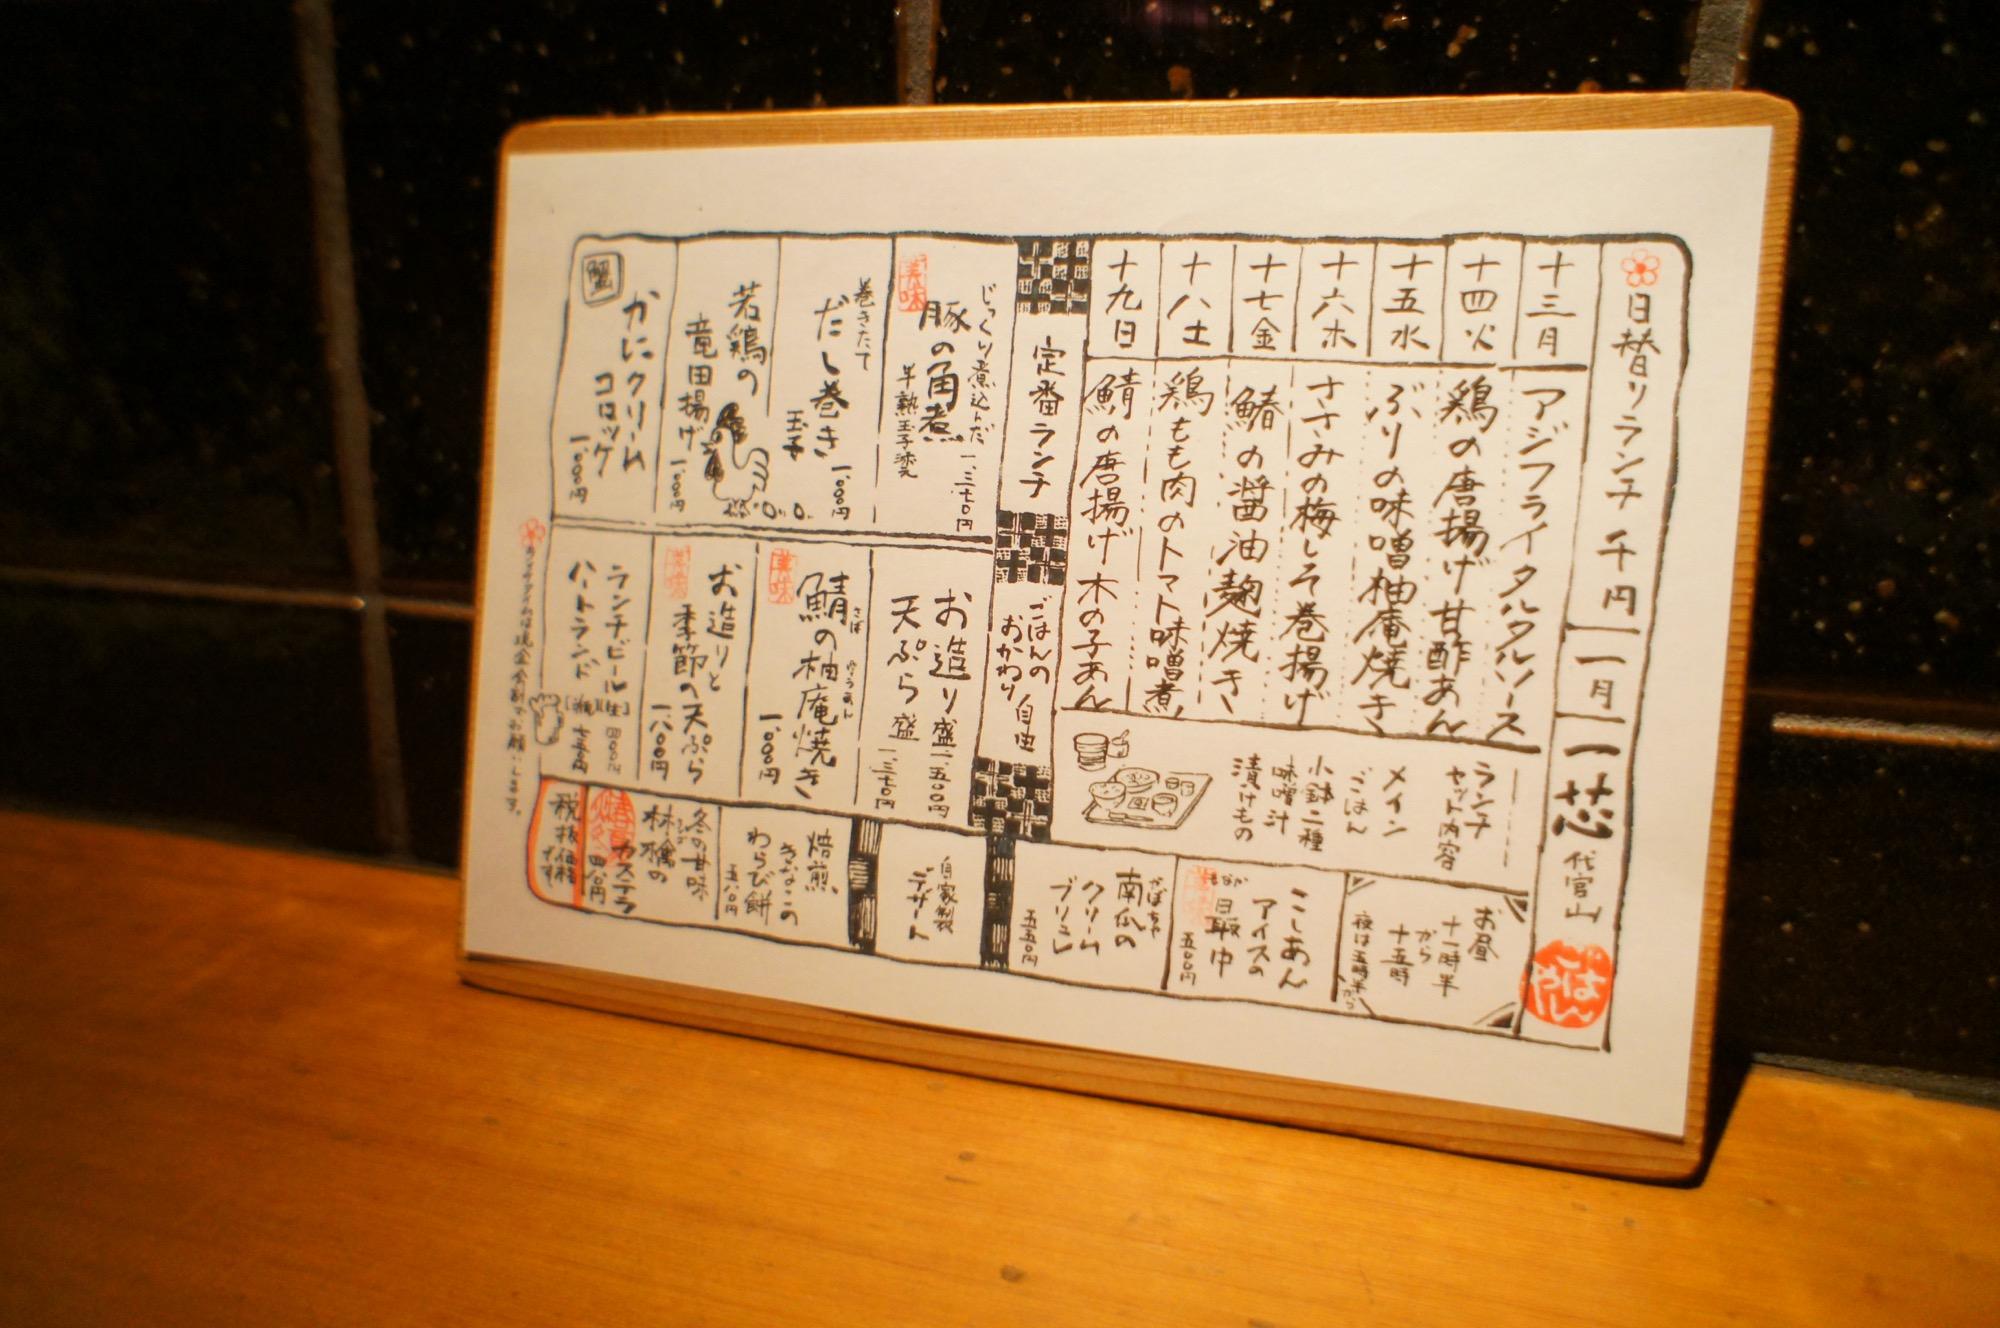 《ご当地MORE✩東京》行列必至!【代官山】の『ごはんや 一芯』で絶品和食ランチ❤️_5